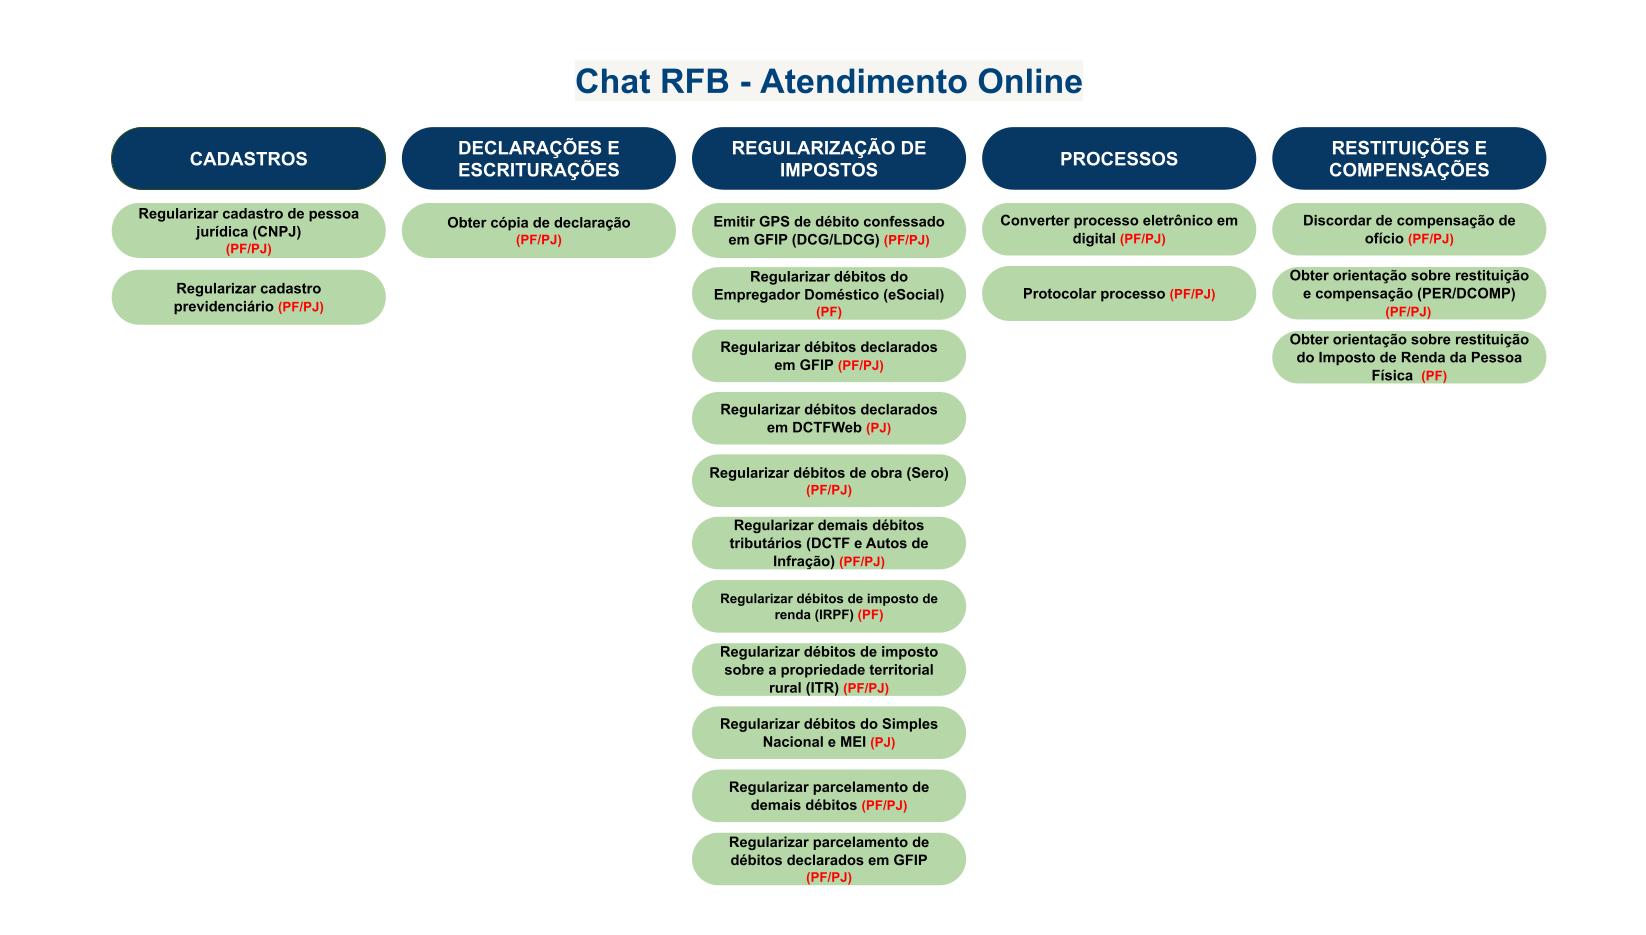 Organograma CHAT RFB 02082021.png